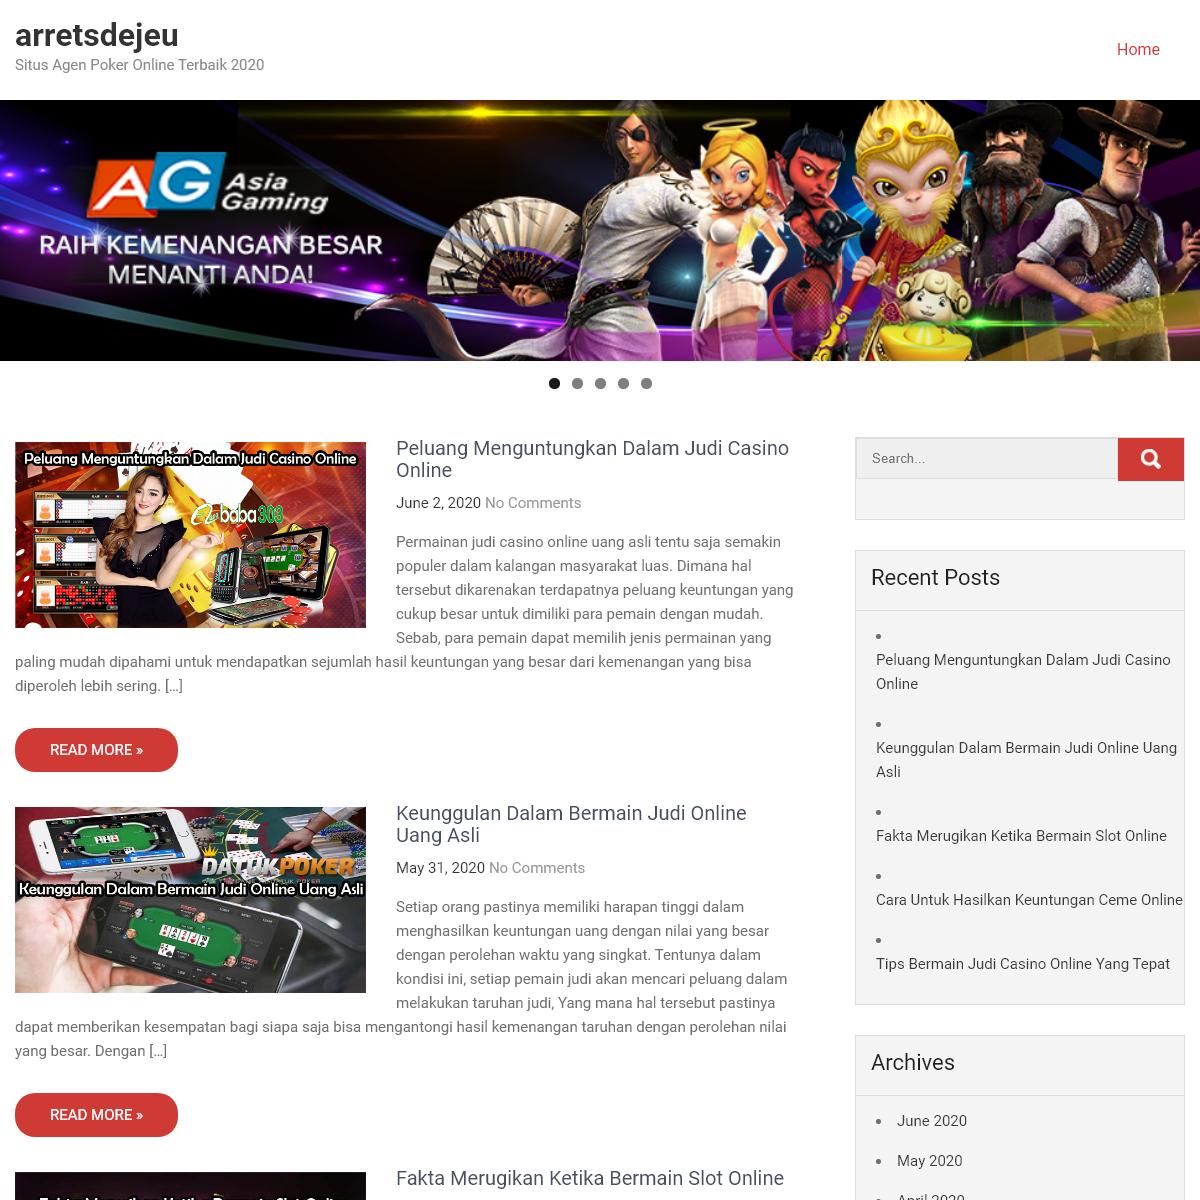 arretsdejeu – Situs Agen Poker Online Terbaik 2020